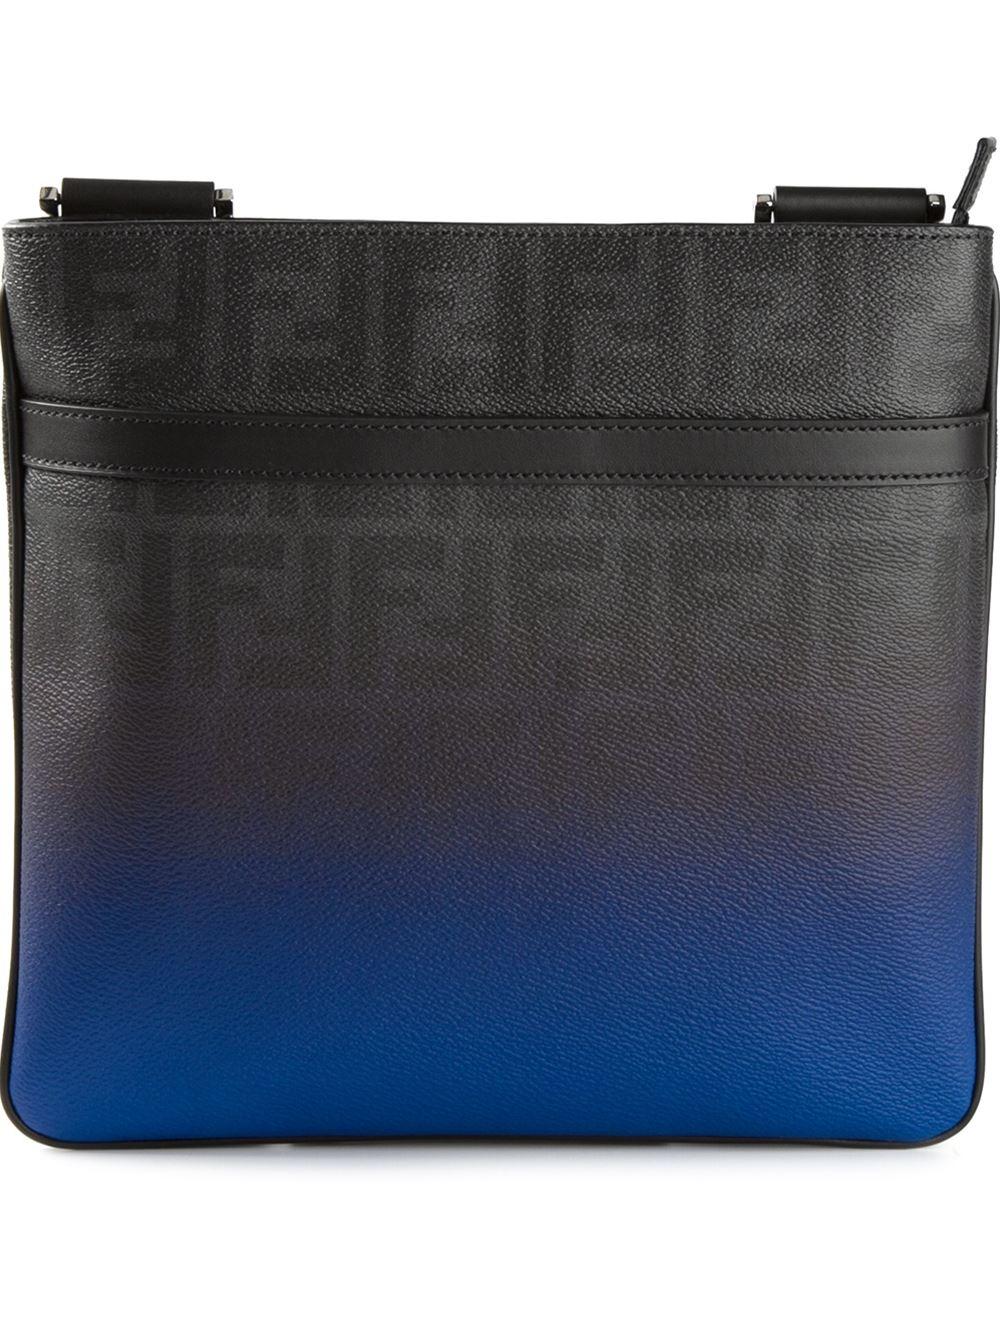 626944cc1b9 usa fendi black selleria leather messenger bag. nextprev. prevnext 67887  52055; denmark fendi flat messenger bag in blue for men lyst 3f728 dabaa